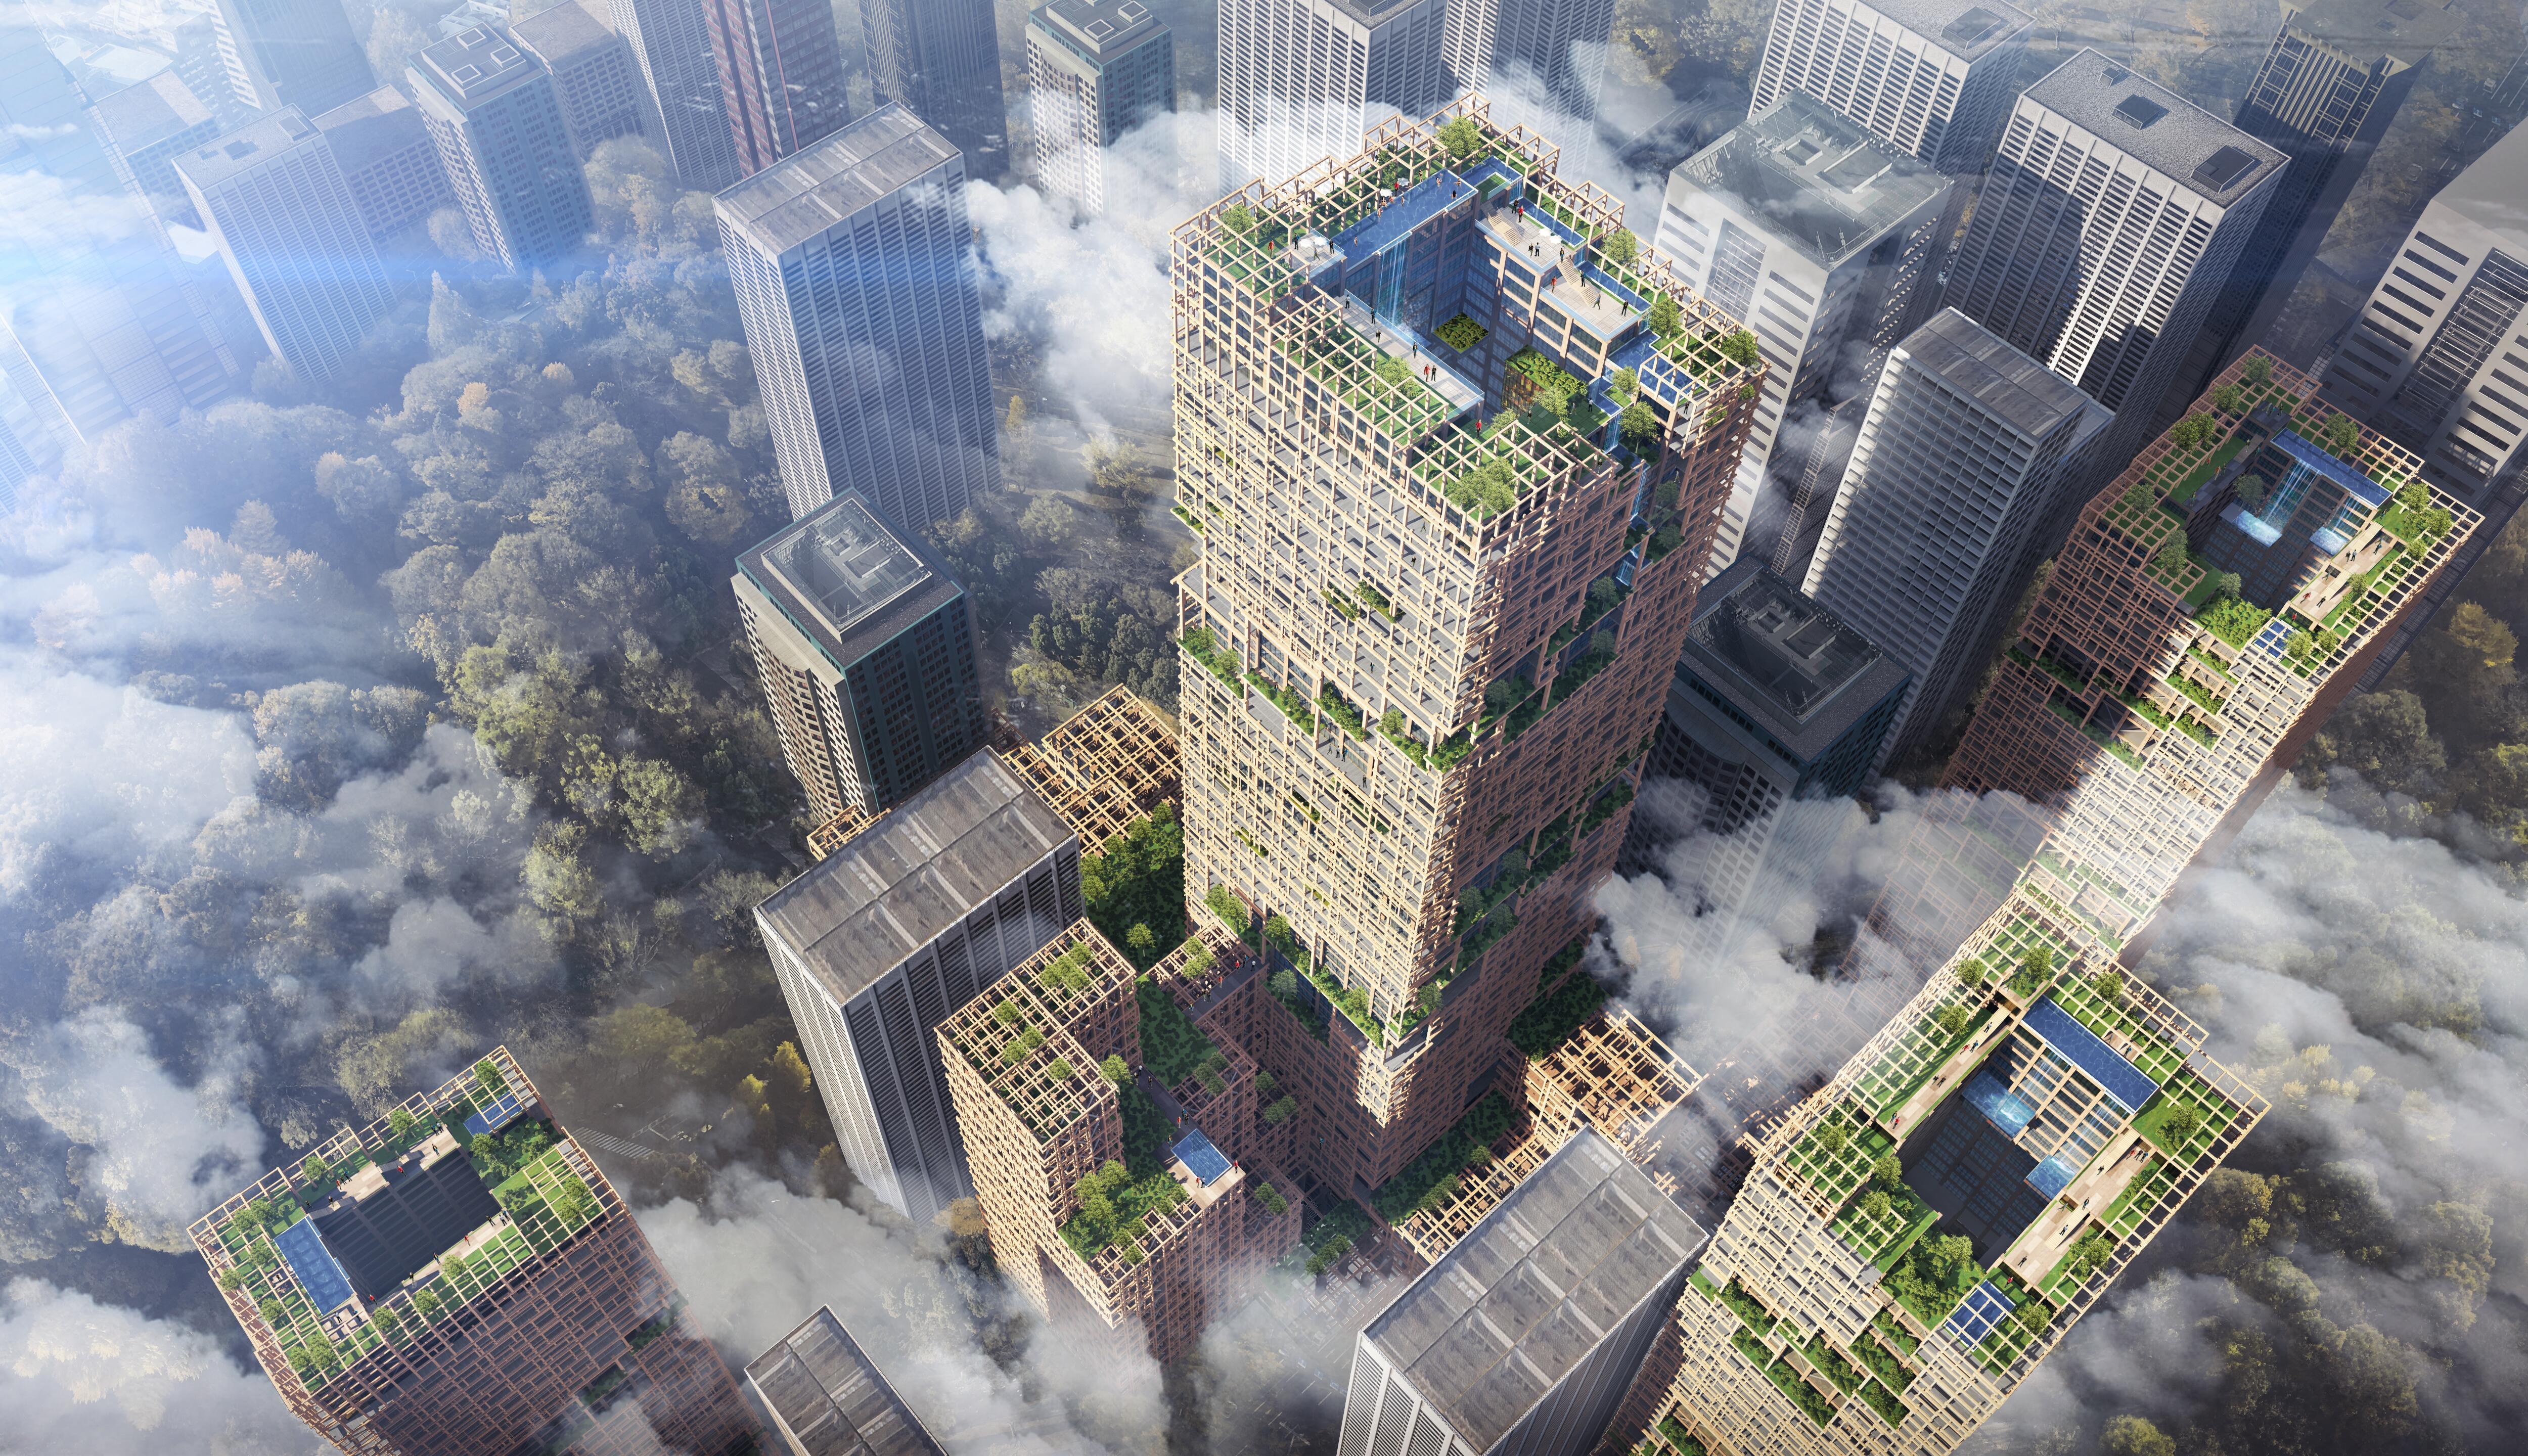 Bild zu Tokio, Wolkenkratzer, Hochhaus aus Holz, Hochhaus, Holz